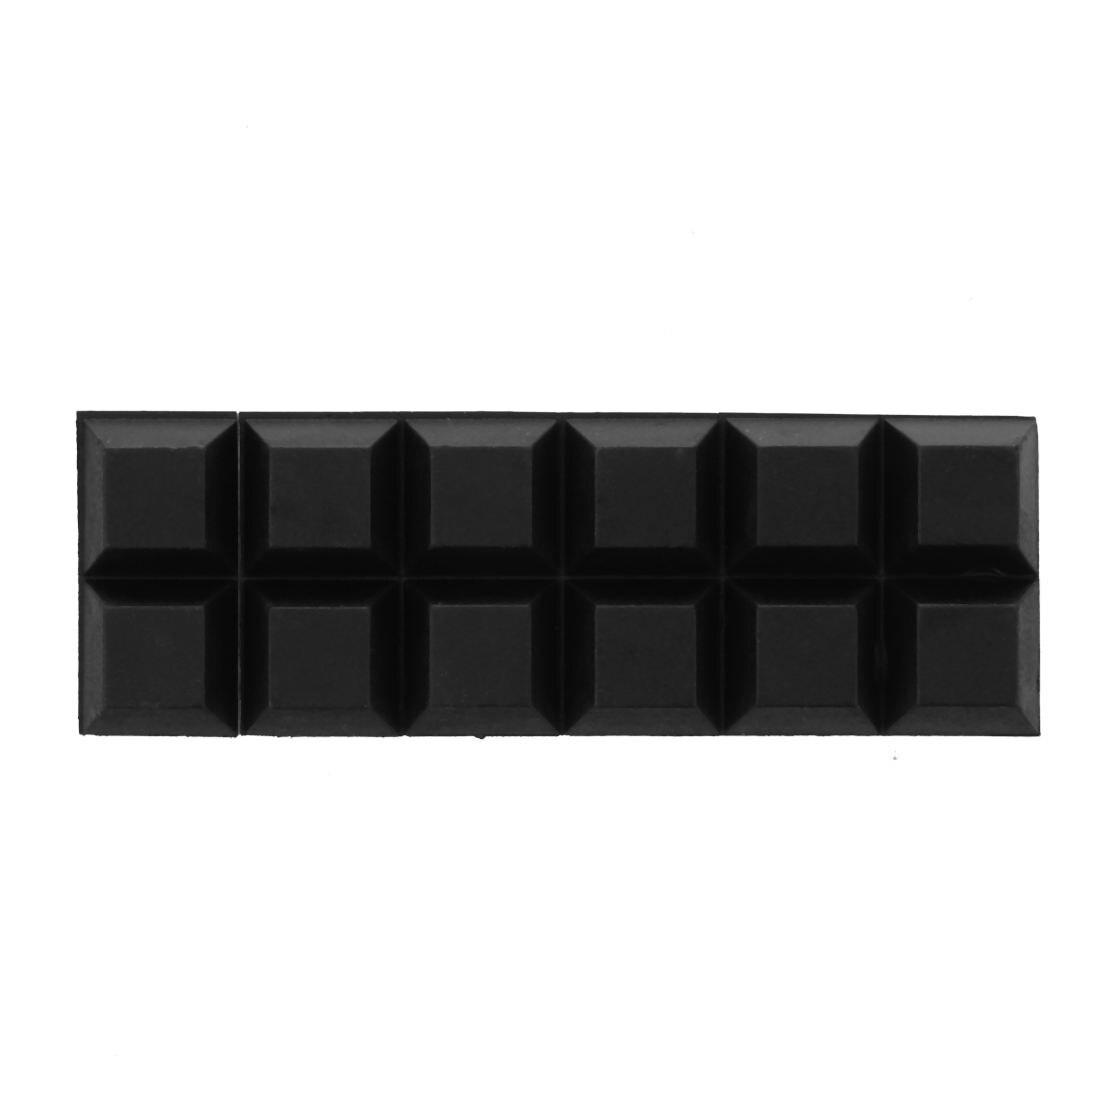 Redelijk Goedkoopste Stoel Meubels Vierkante 12mm X 12mm X 6mm Zelfklevende Rubberen Pads 12 In 1 Knappe Verschijning